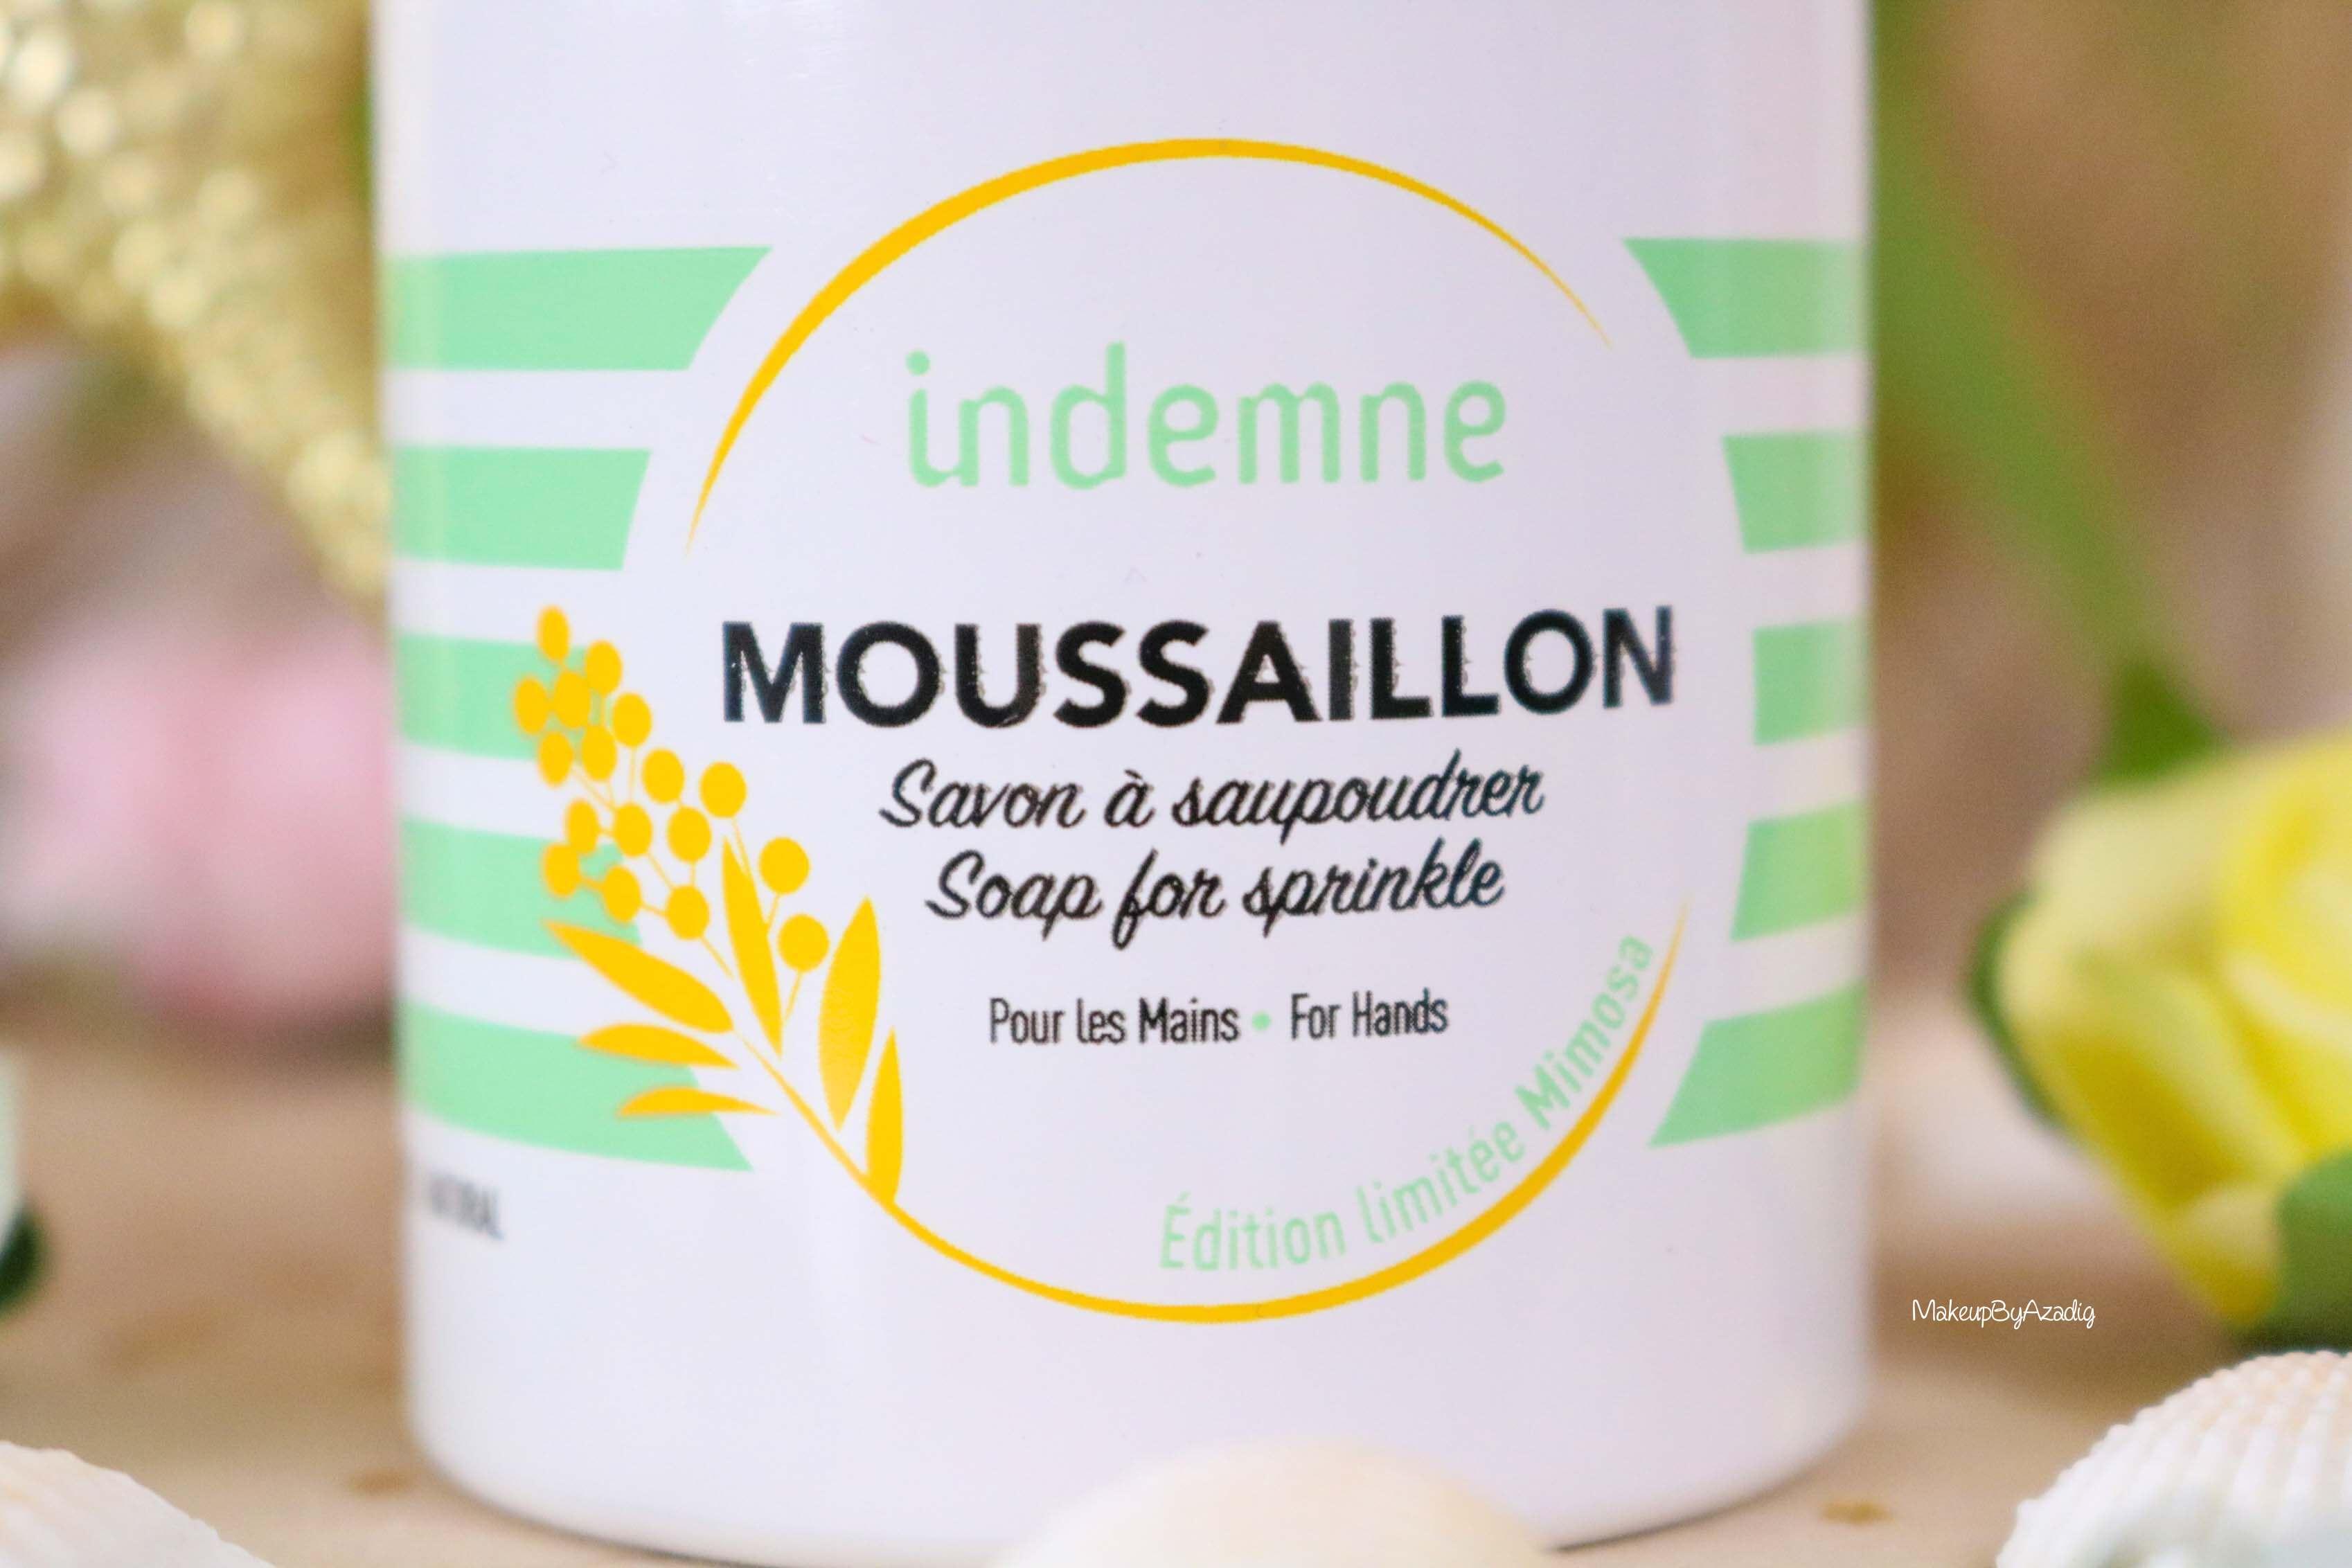 savon-saupoudrer-famille-enfant-moussaillon-indemne-avis-prix-makeupbyazadig-limitee-mimosa-provence-toulouse-mains